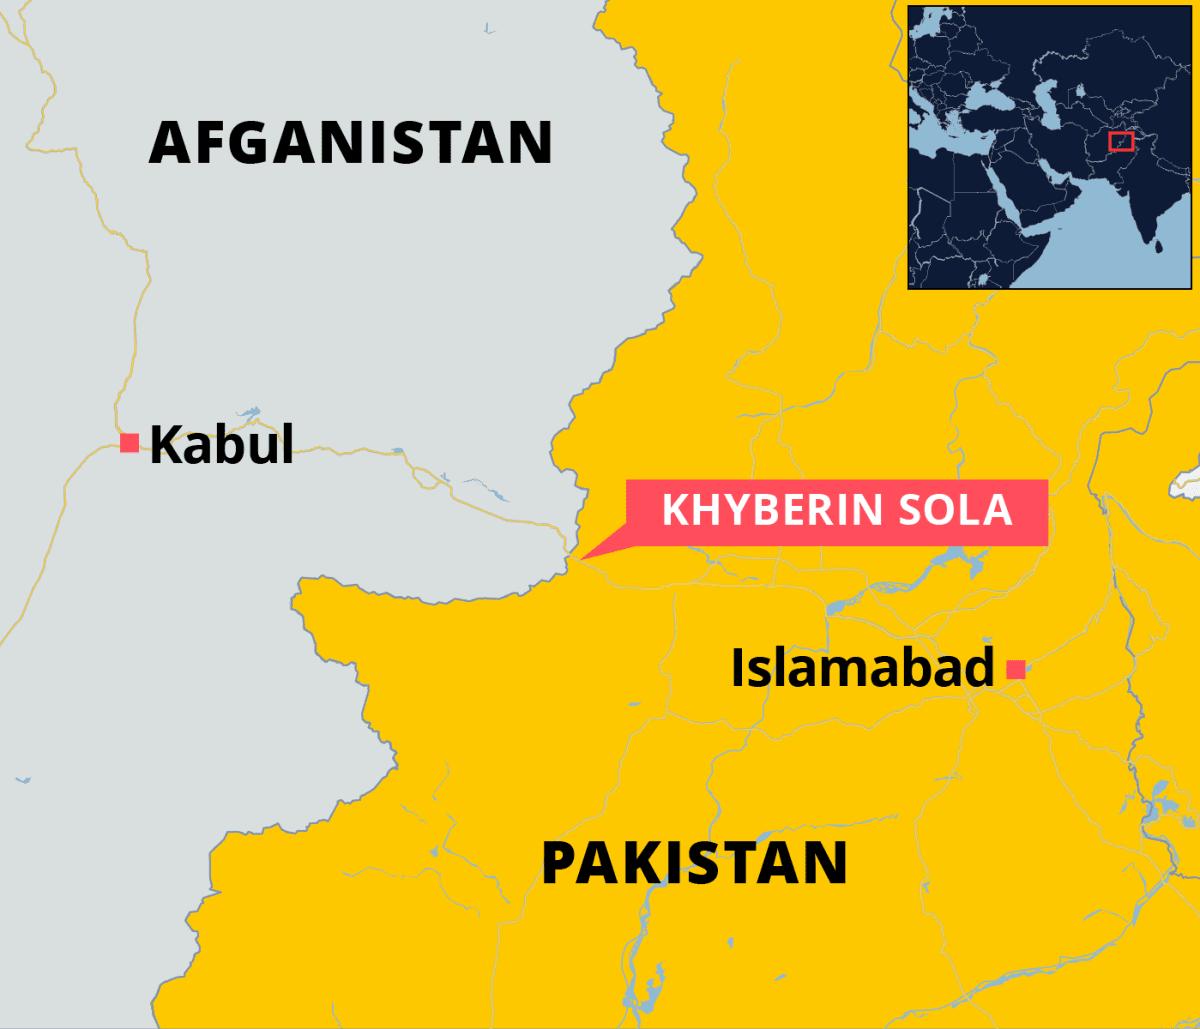 Kartalla Khyberin sola Afganistanin ja Pakistanin rajalla.